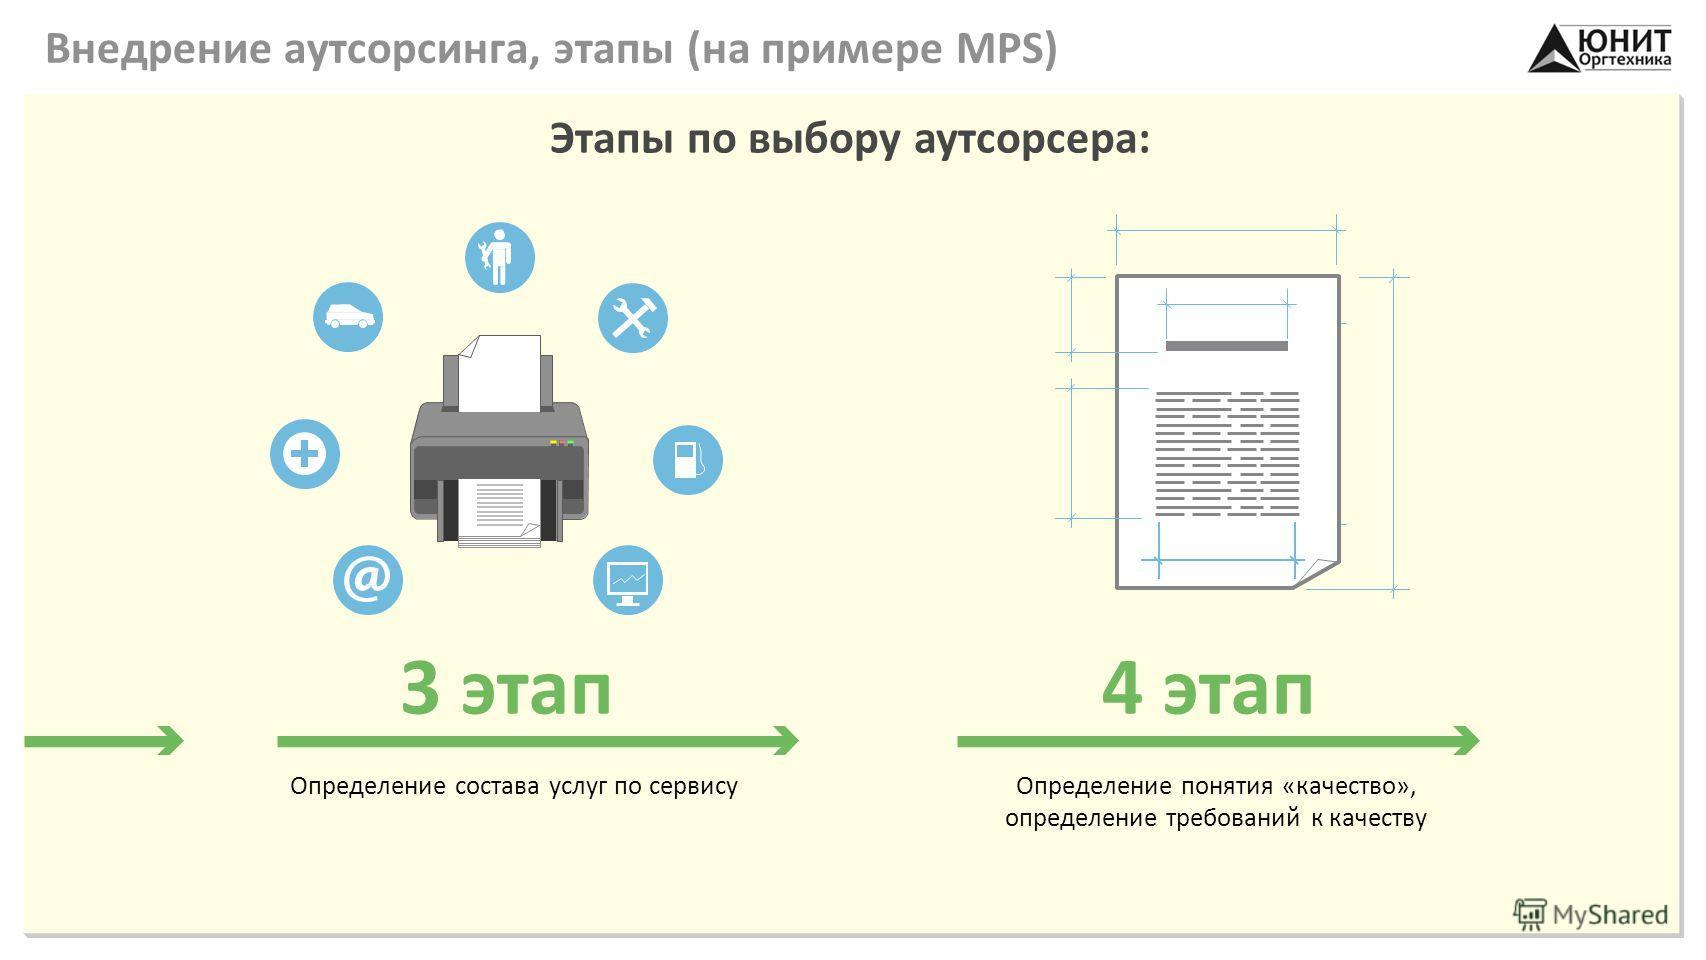 Внедрение аутсорсинга, этапы (на примере MPS) Этапы по выбору аутсорсера: Определение состава услуг по сервису 3 этап Определение понятия «качество», 4 этап определение требований к качеству